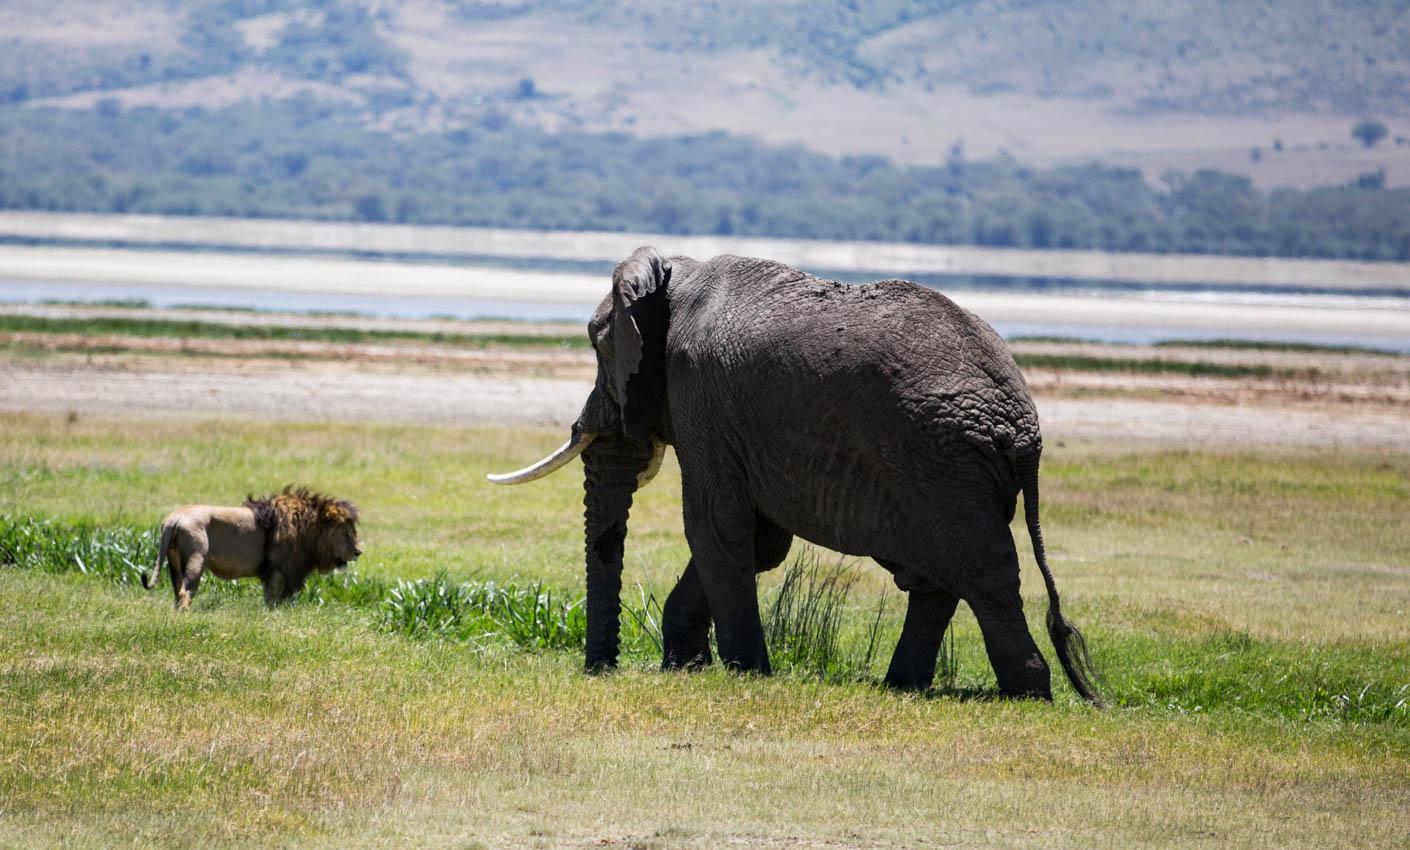 Elephant chasing Lion